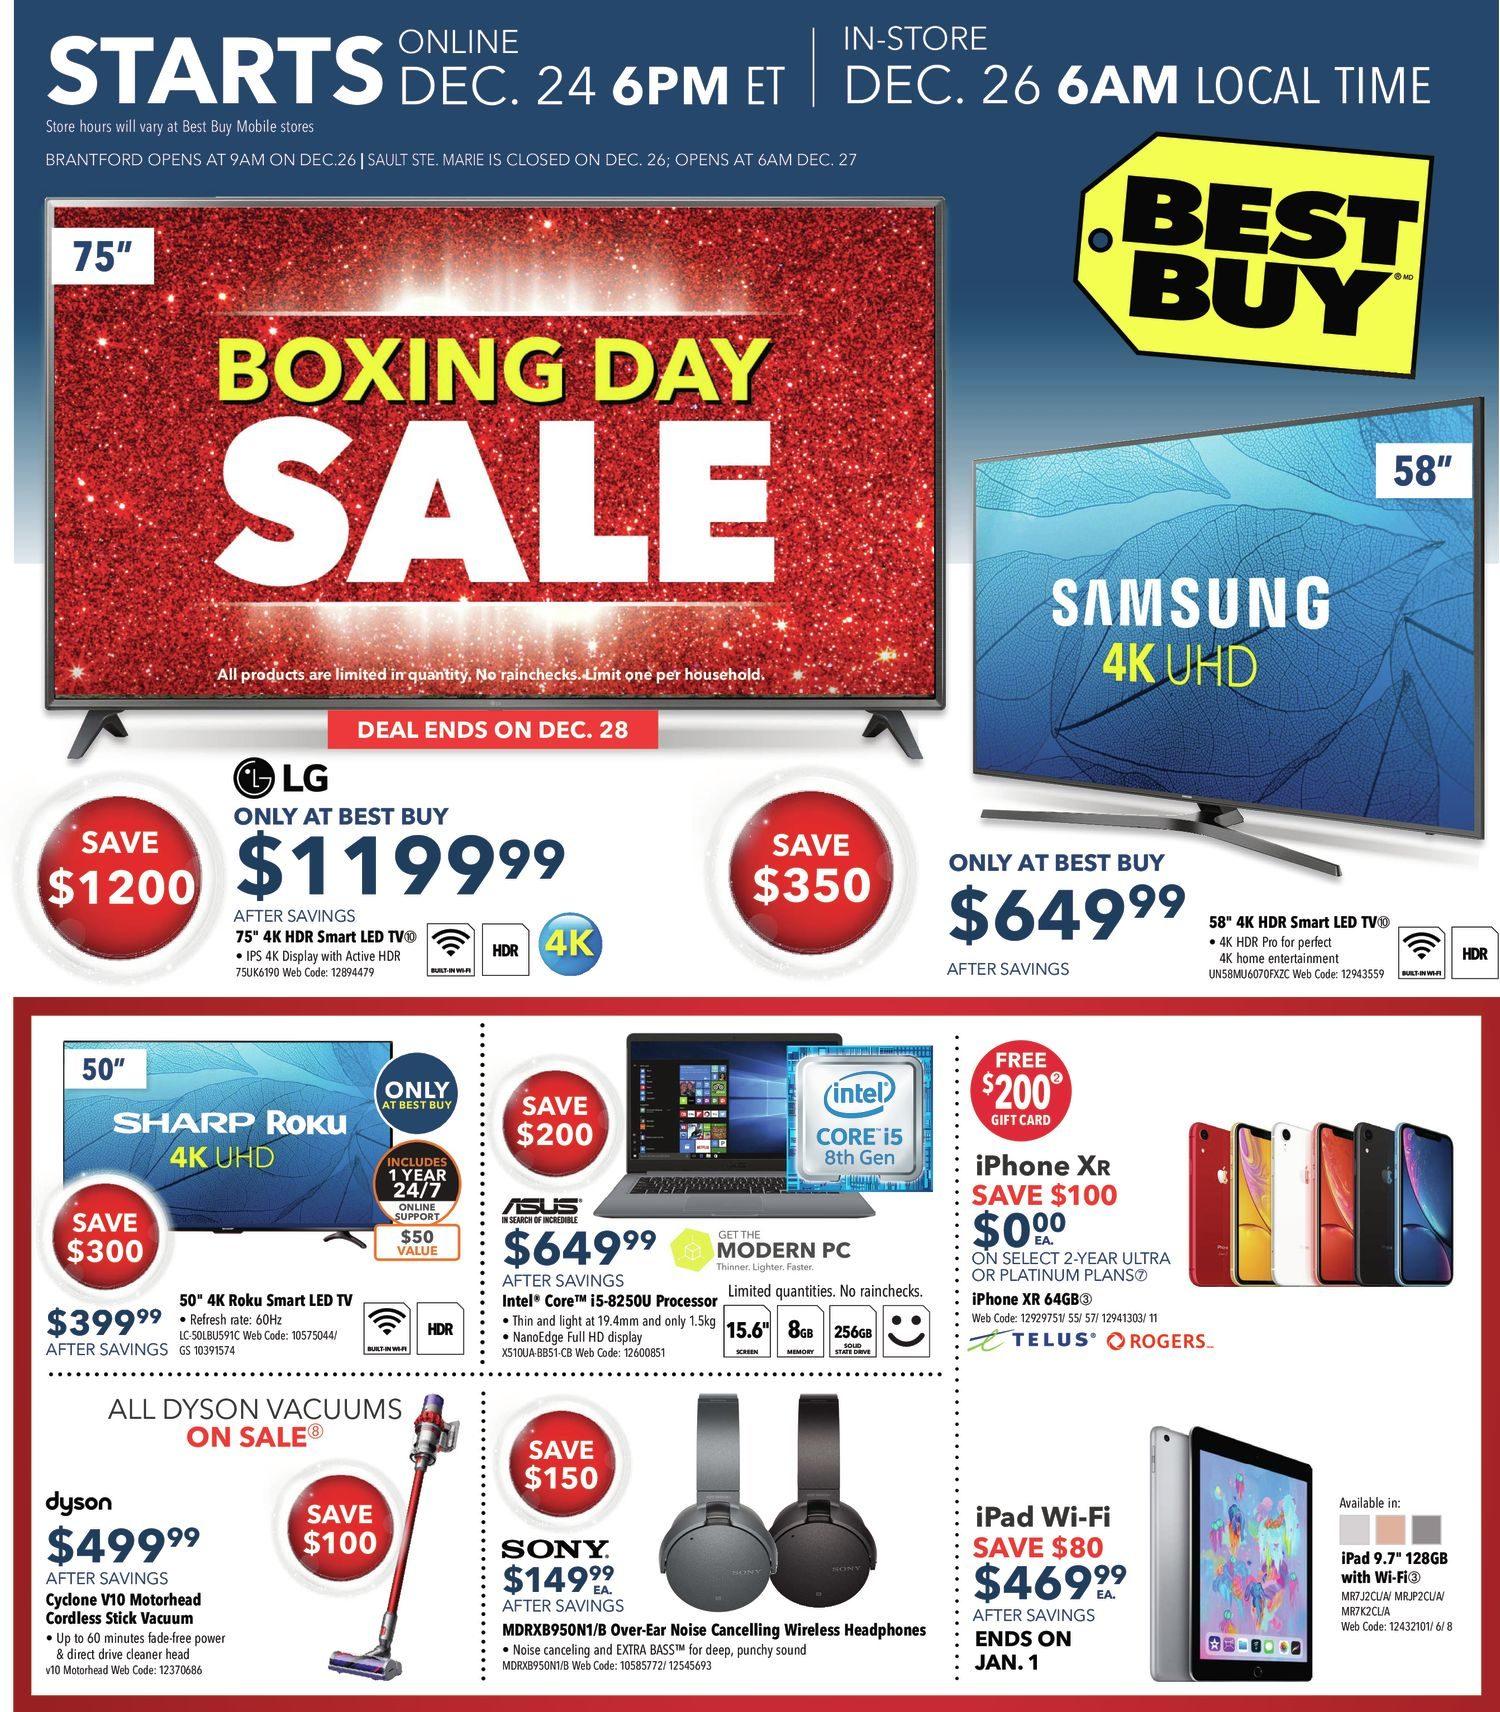 455df48d7bb Best Buy Weekly Flyer - Boxing Day Sale - Dec 25 – Jan 3 - RedFlagDeals.com